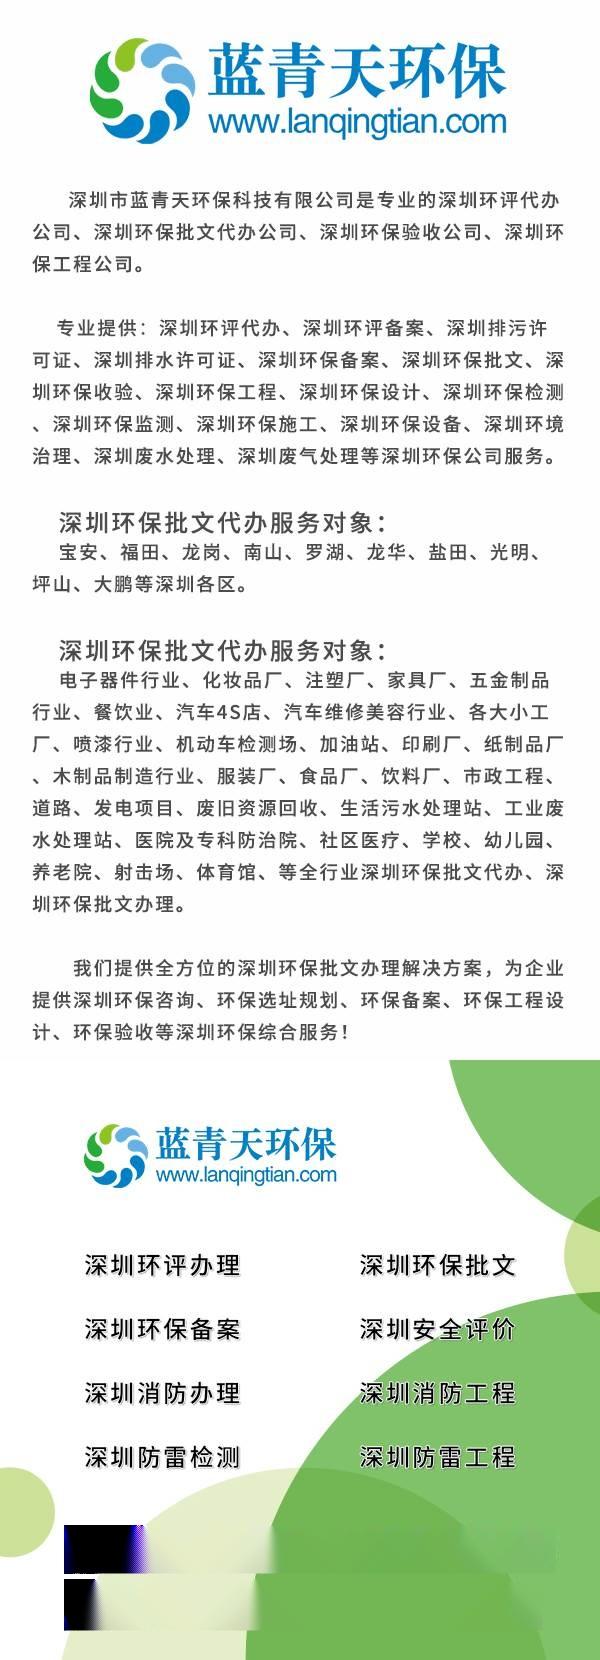 深圳光明环评需要多少钱,深圳生产企业办理环评需要哪些手续123629635